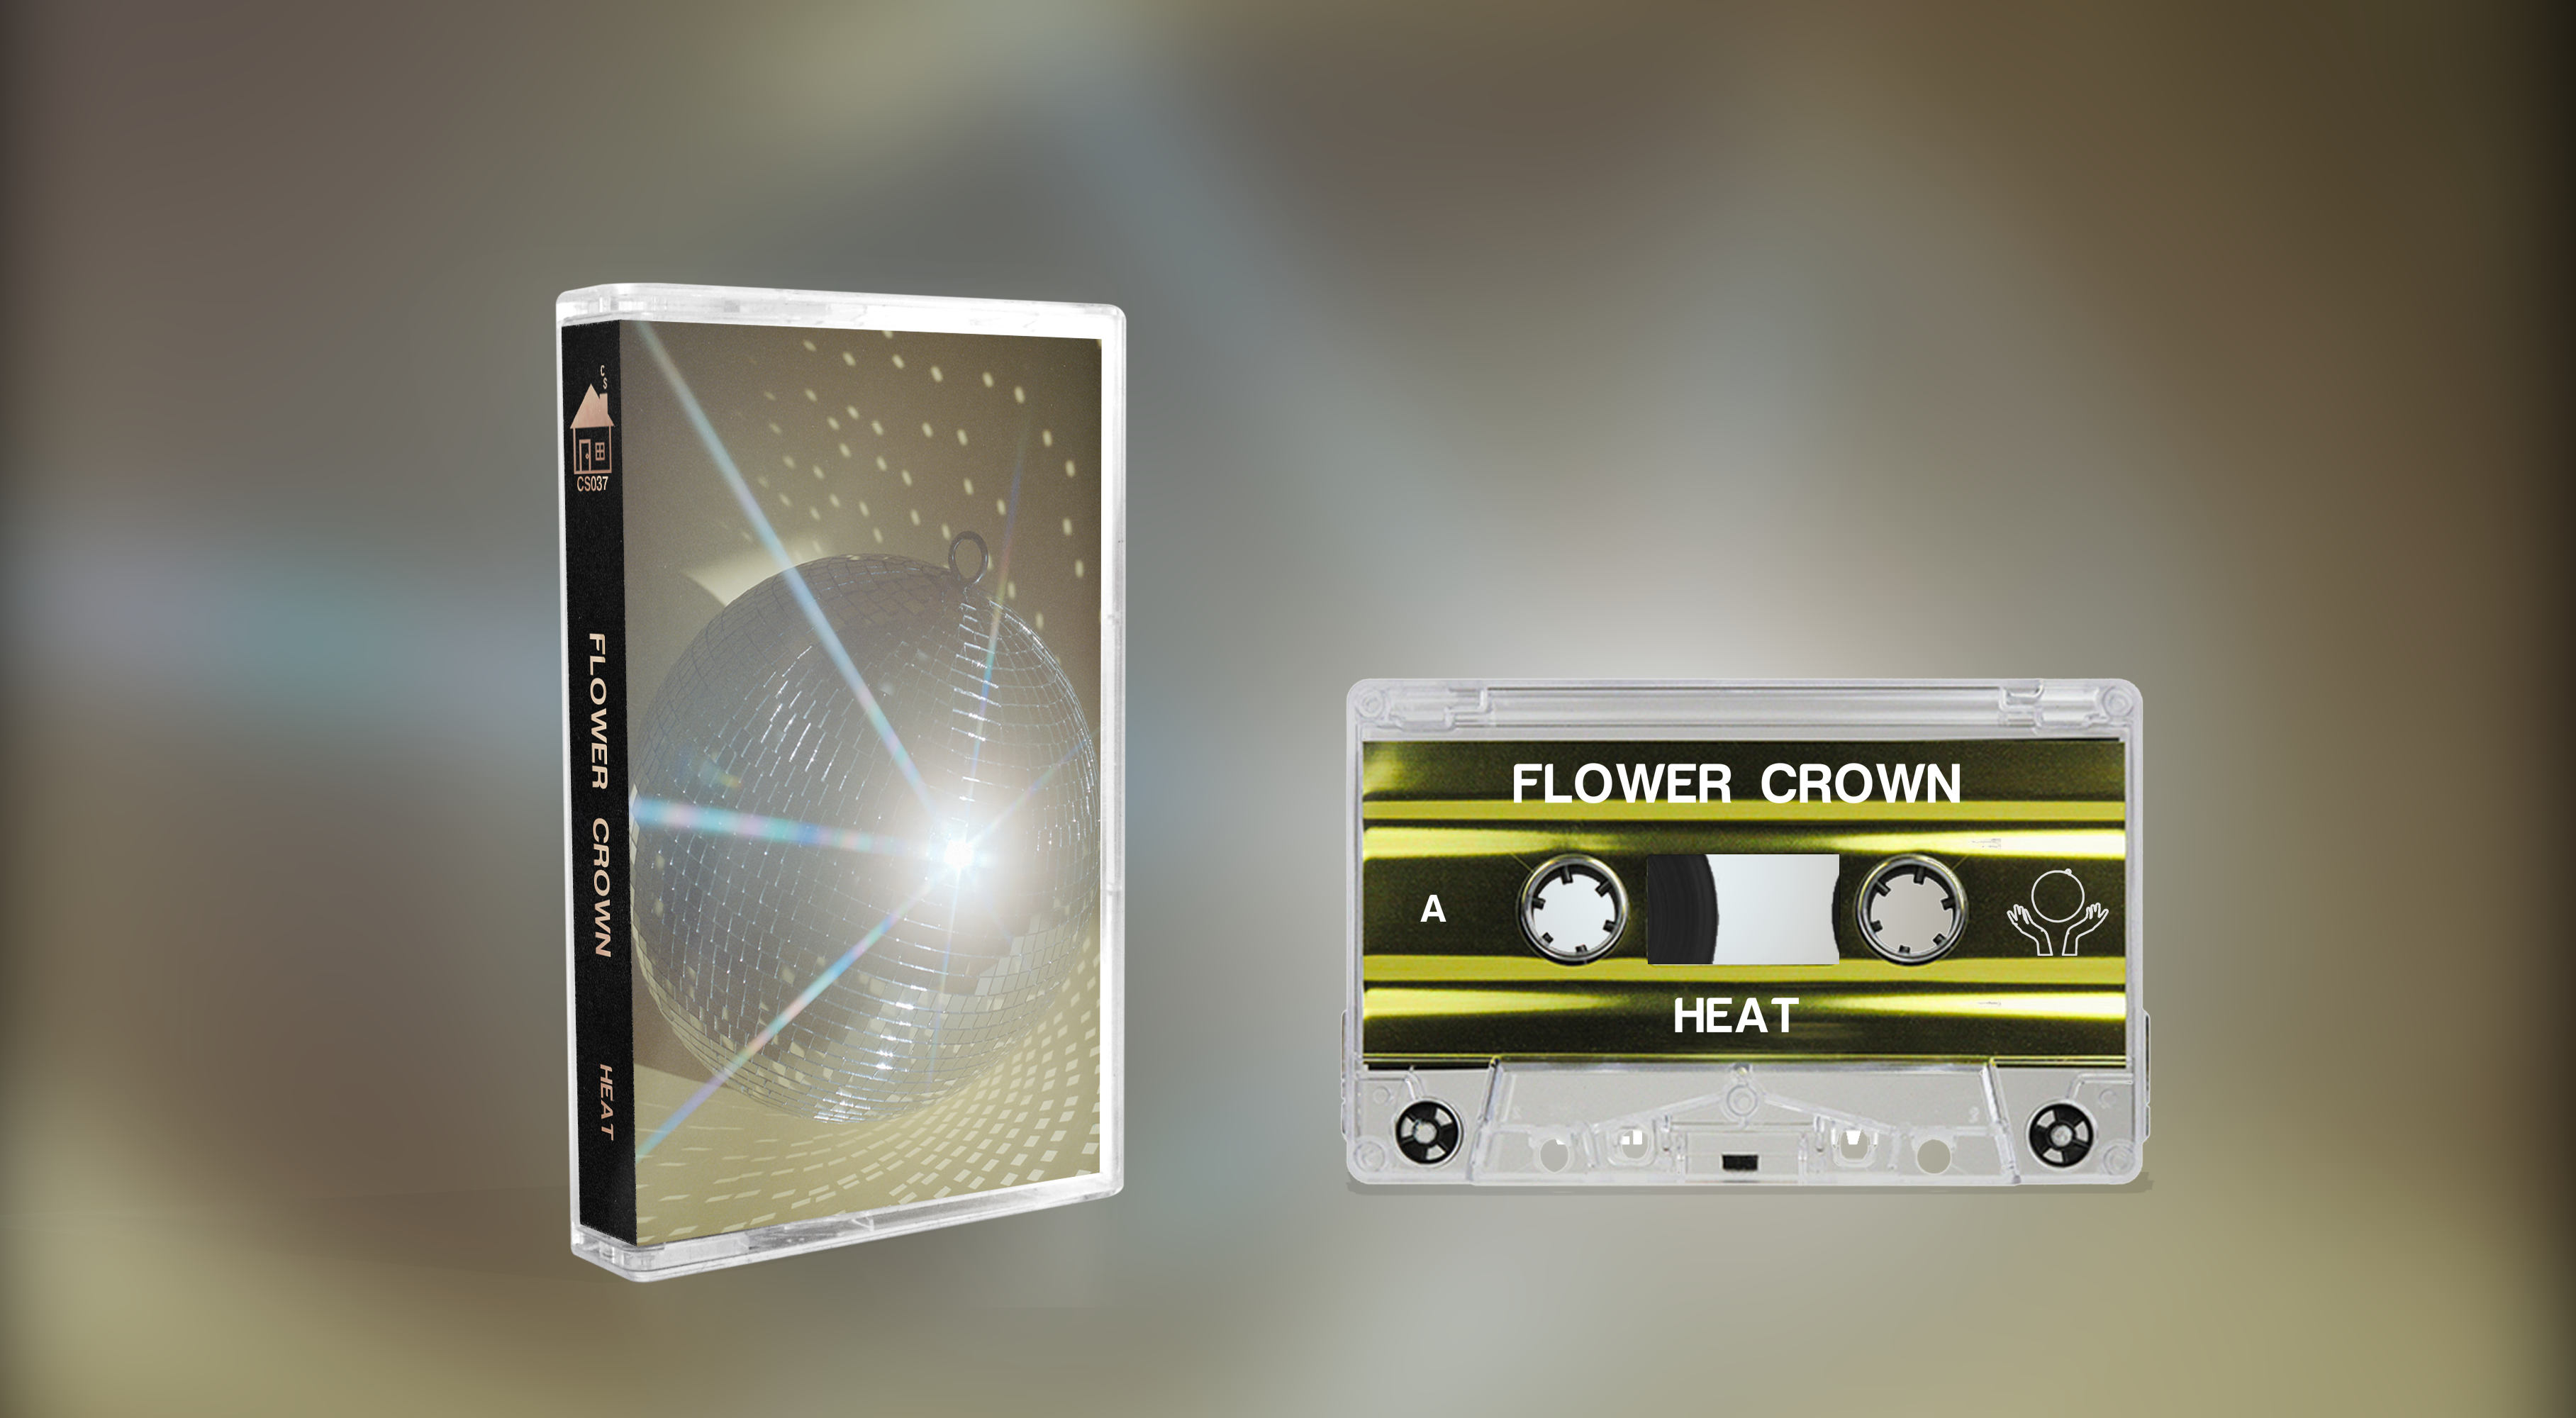 Flower Crown - Heat